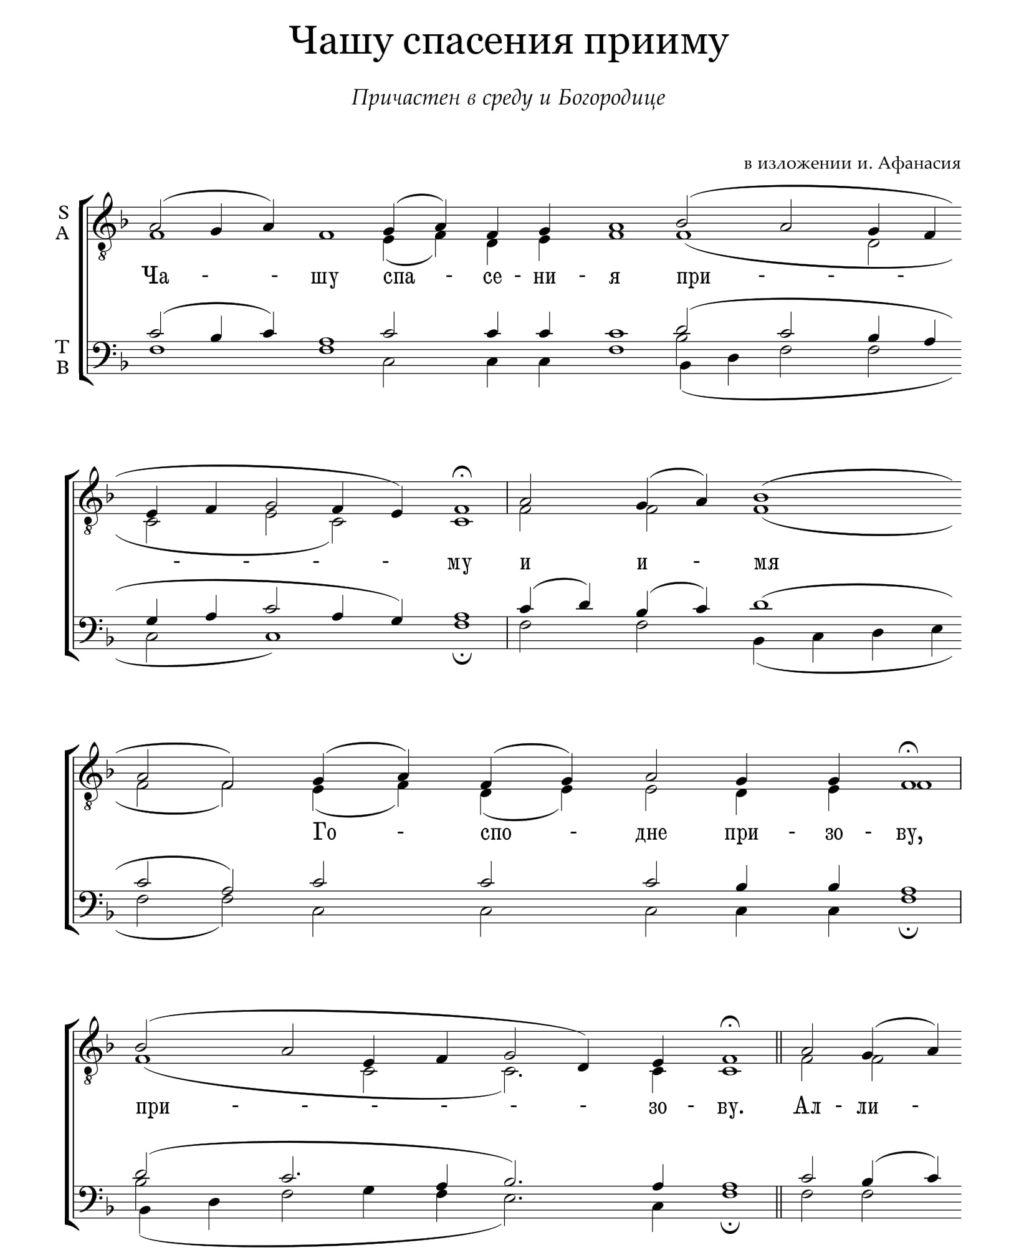 Чашу спасения (причастен в среду и Богородице в изложении и. Афанасия см.х.)